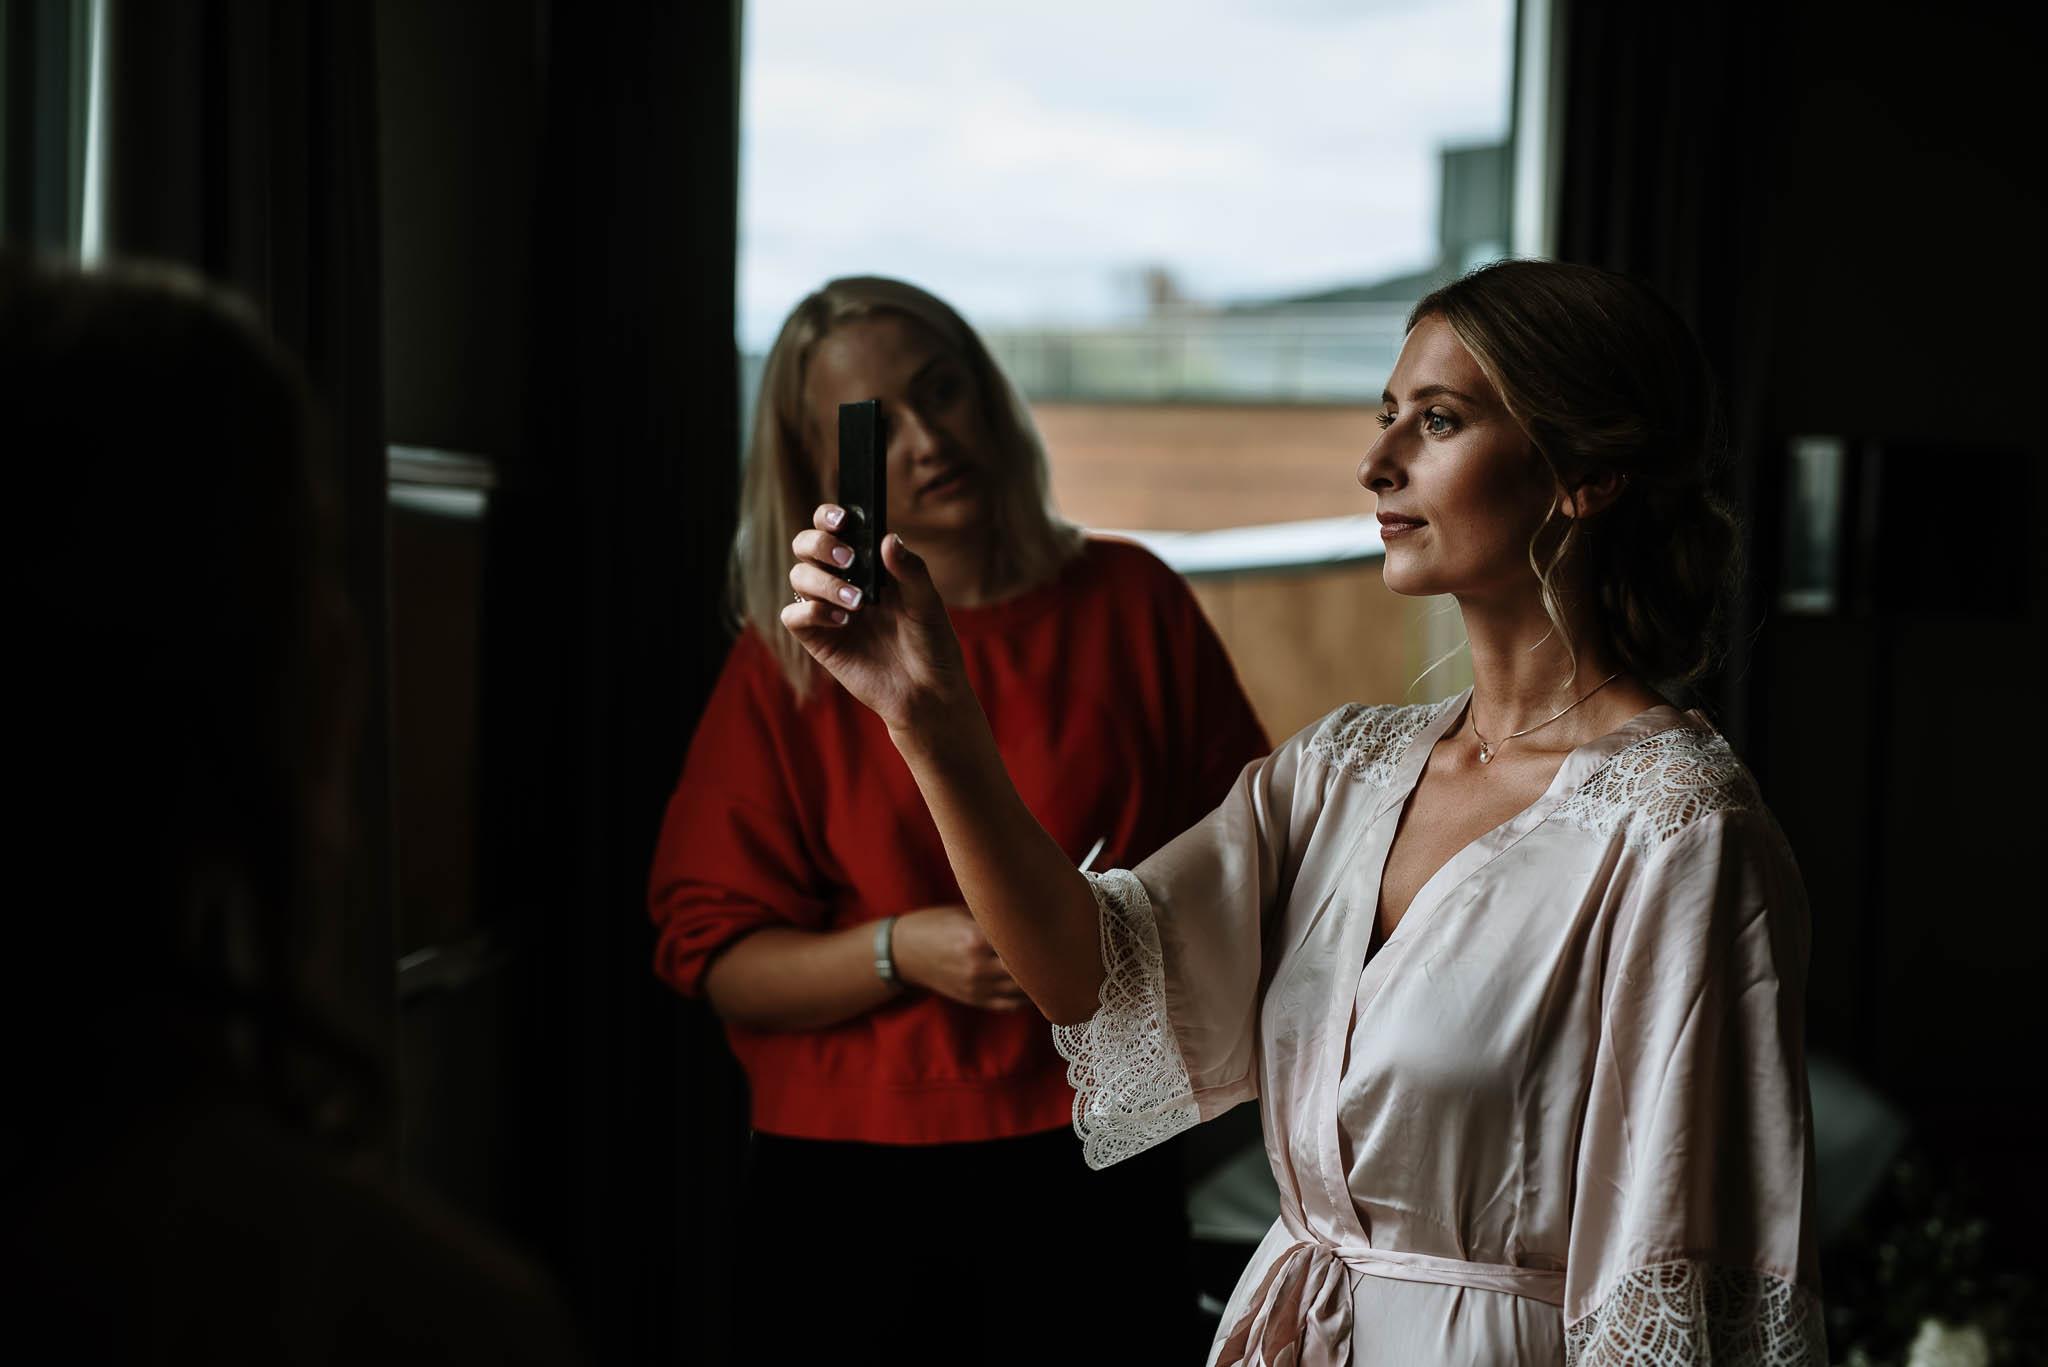 Bryllupsfotograf i Drammen - bryllup i Ålesund - Øygardshallen bryllup-6.jpg